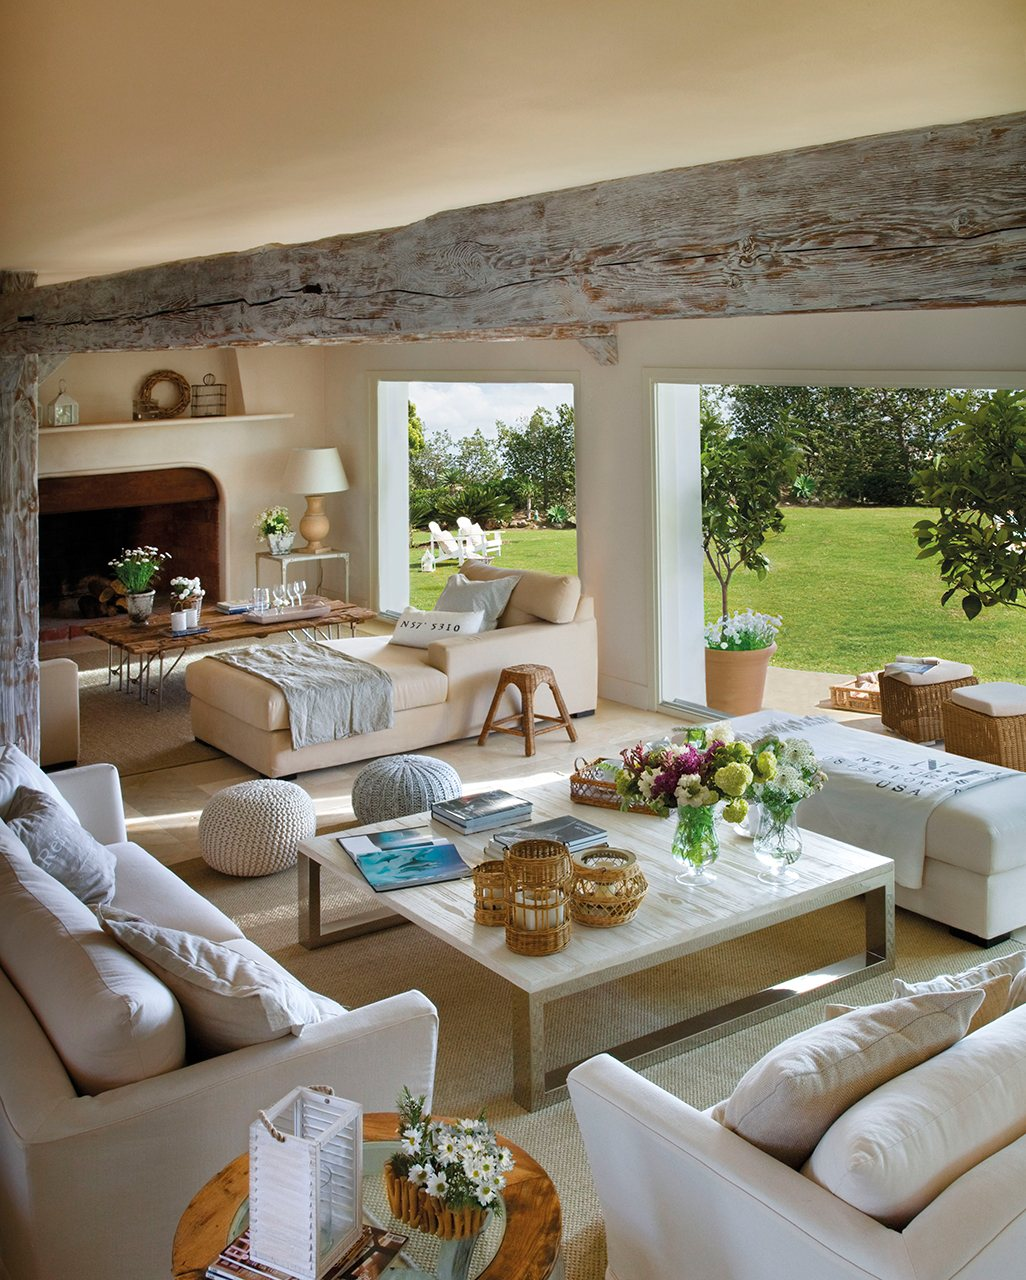 Salón con completa zona de tertulia, chimenea y grandes ventanas al jardín